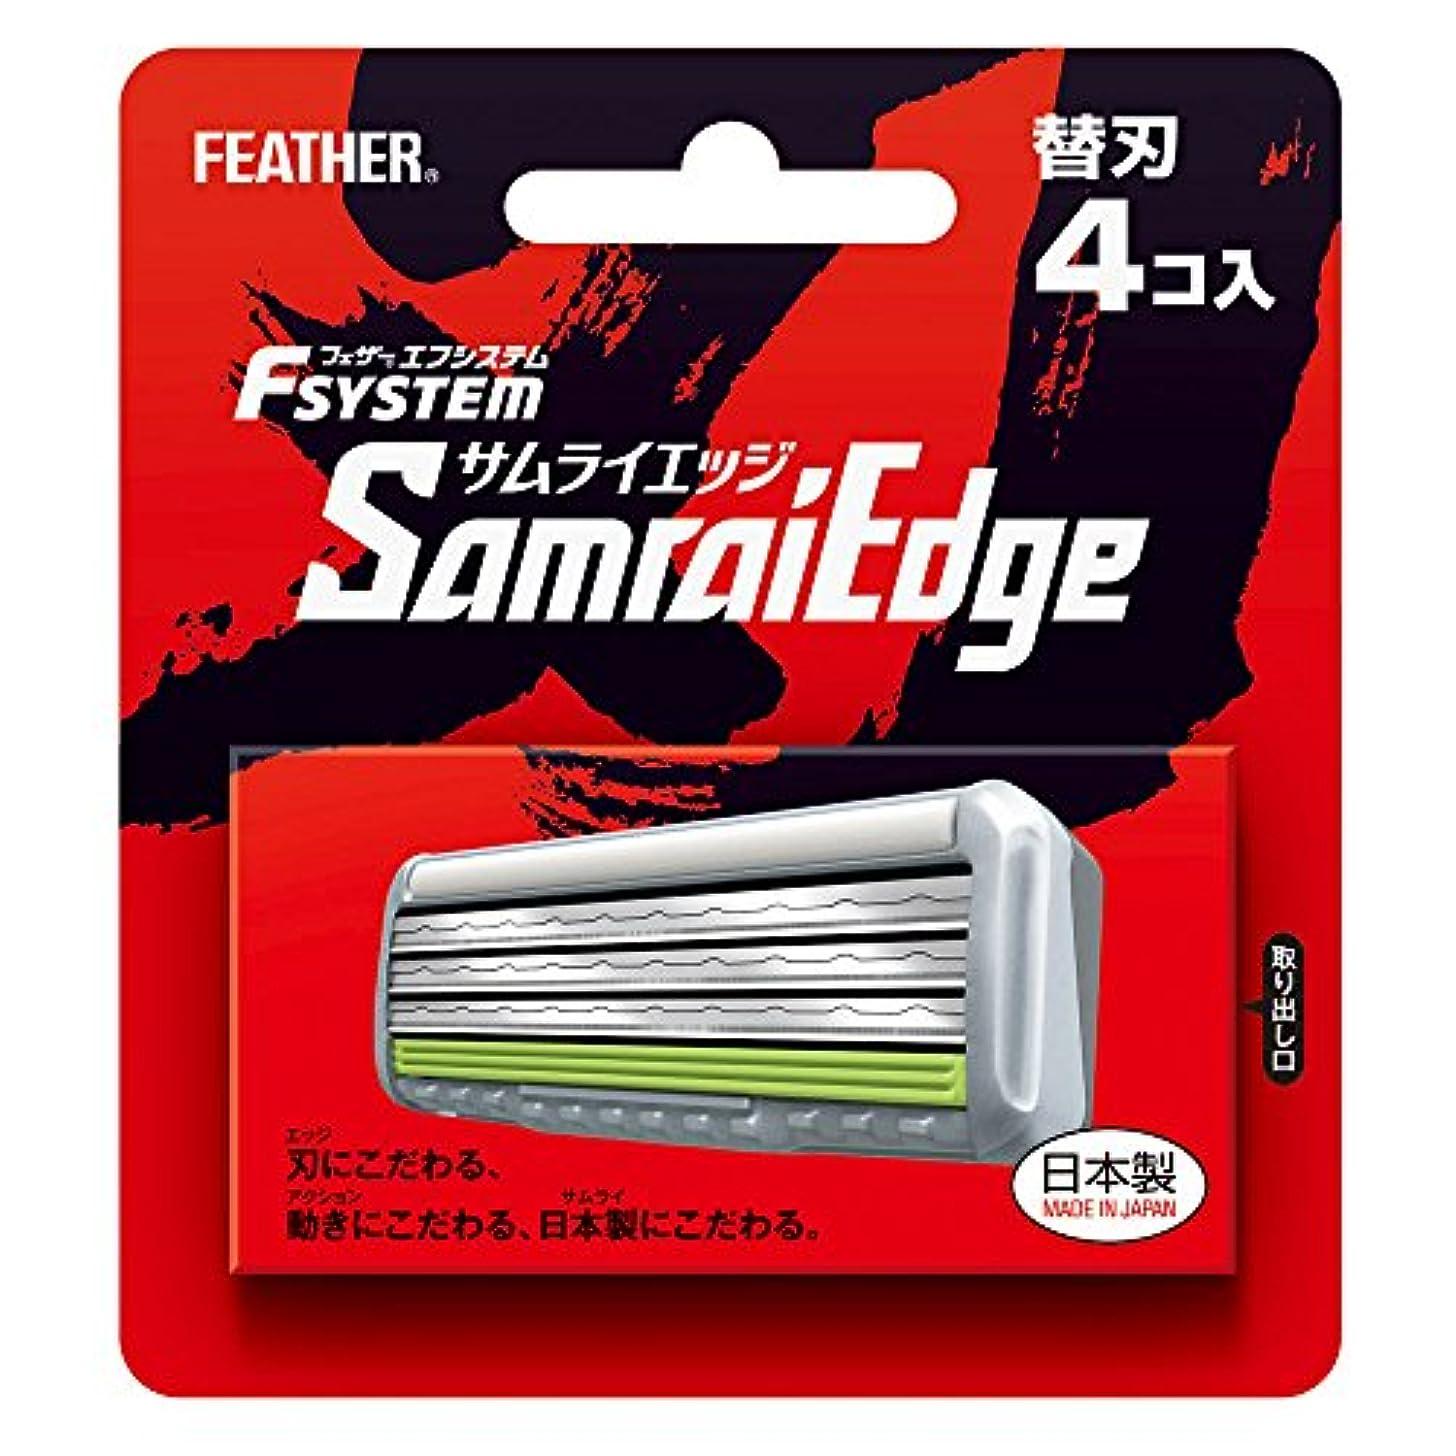 申し立てられたパースブラックボロウ魂フェザー エフシステム 替刃 サムライエッジ 4コ入 (日本製)